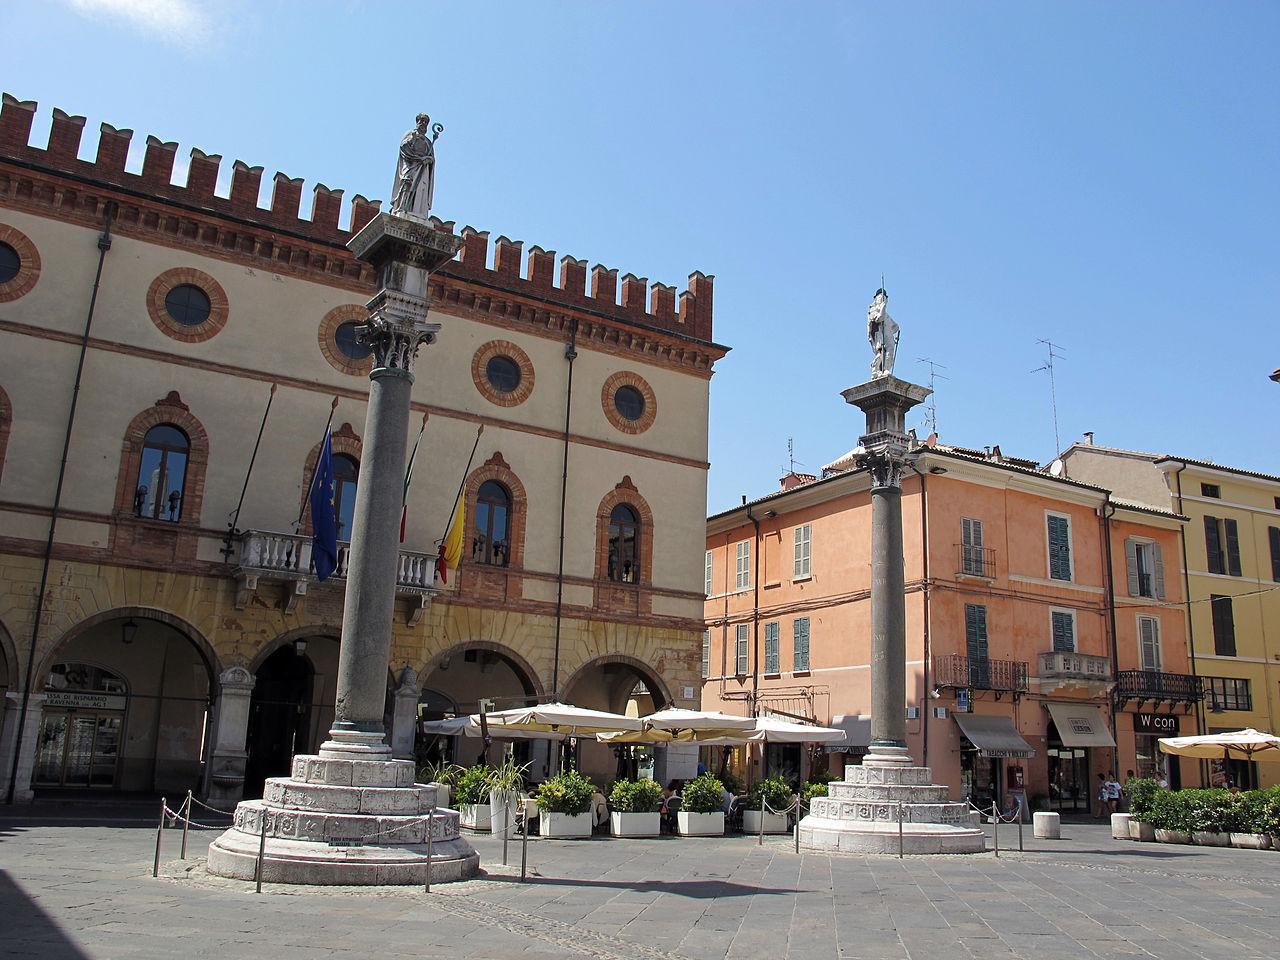 1280px-Ravenna,_piazza_del_popolo,_colonne_di_pietro_lombardo,_1483,_00